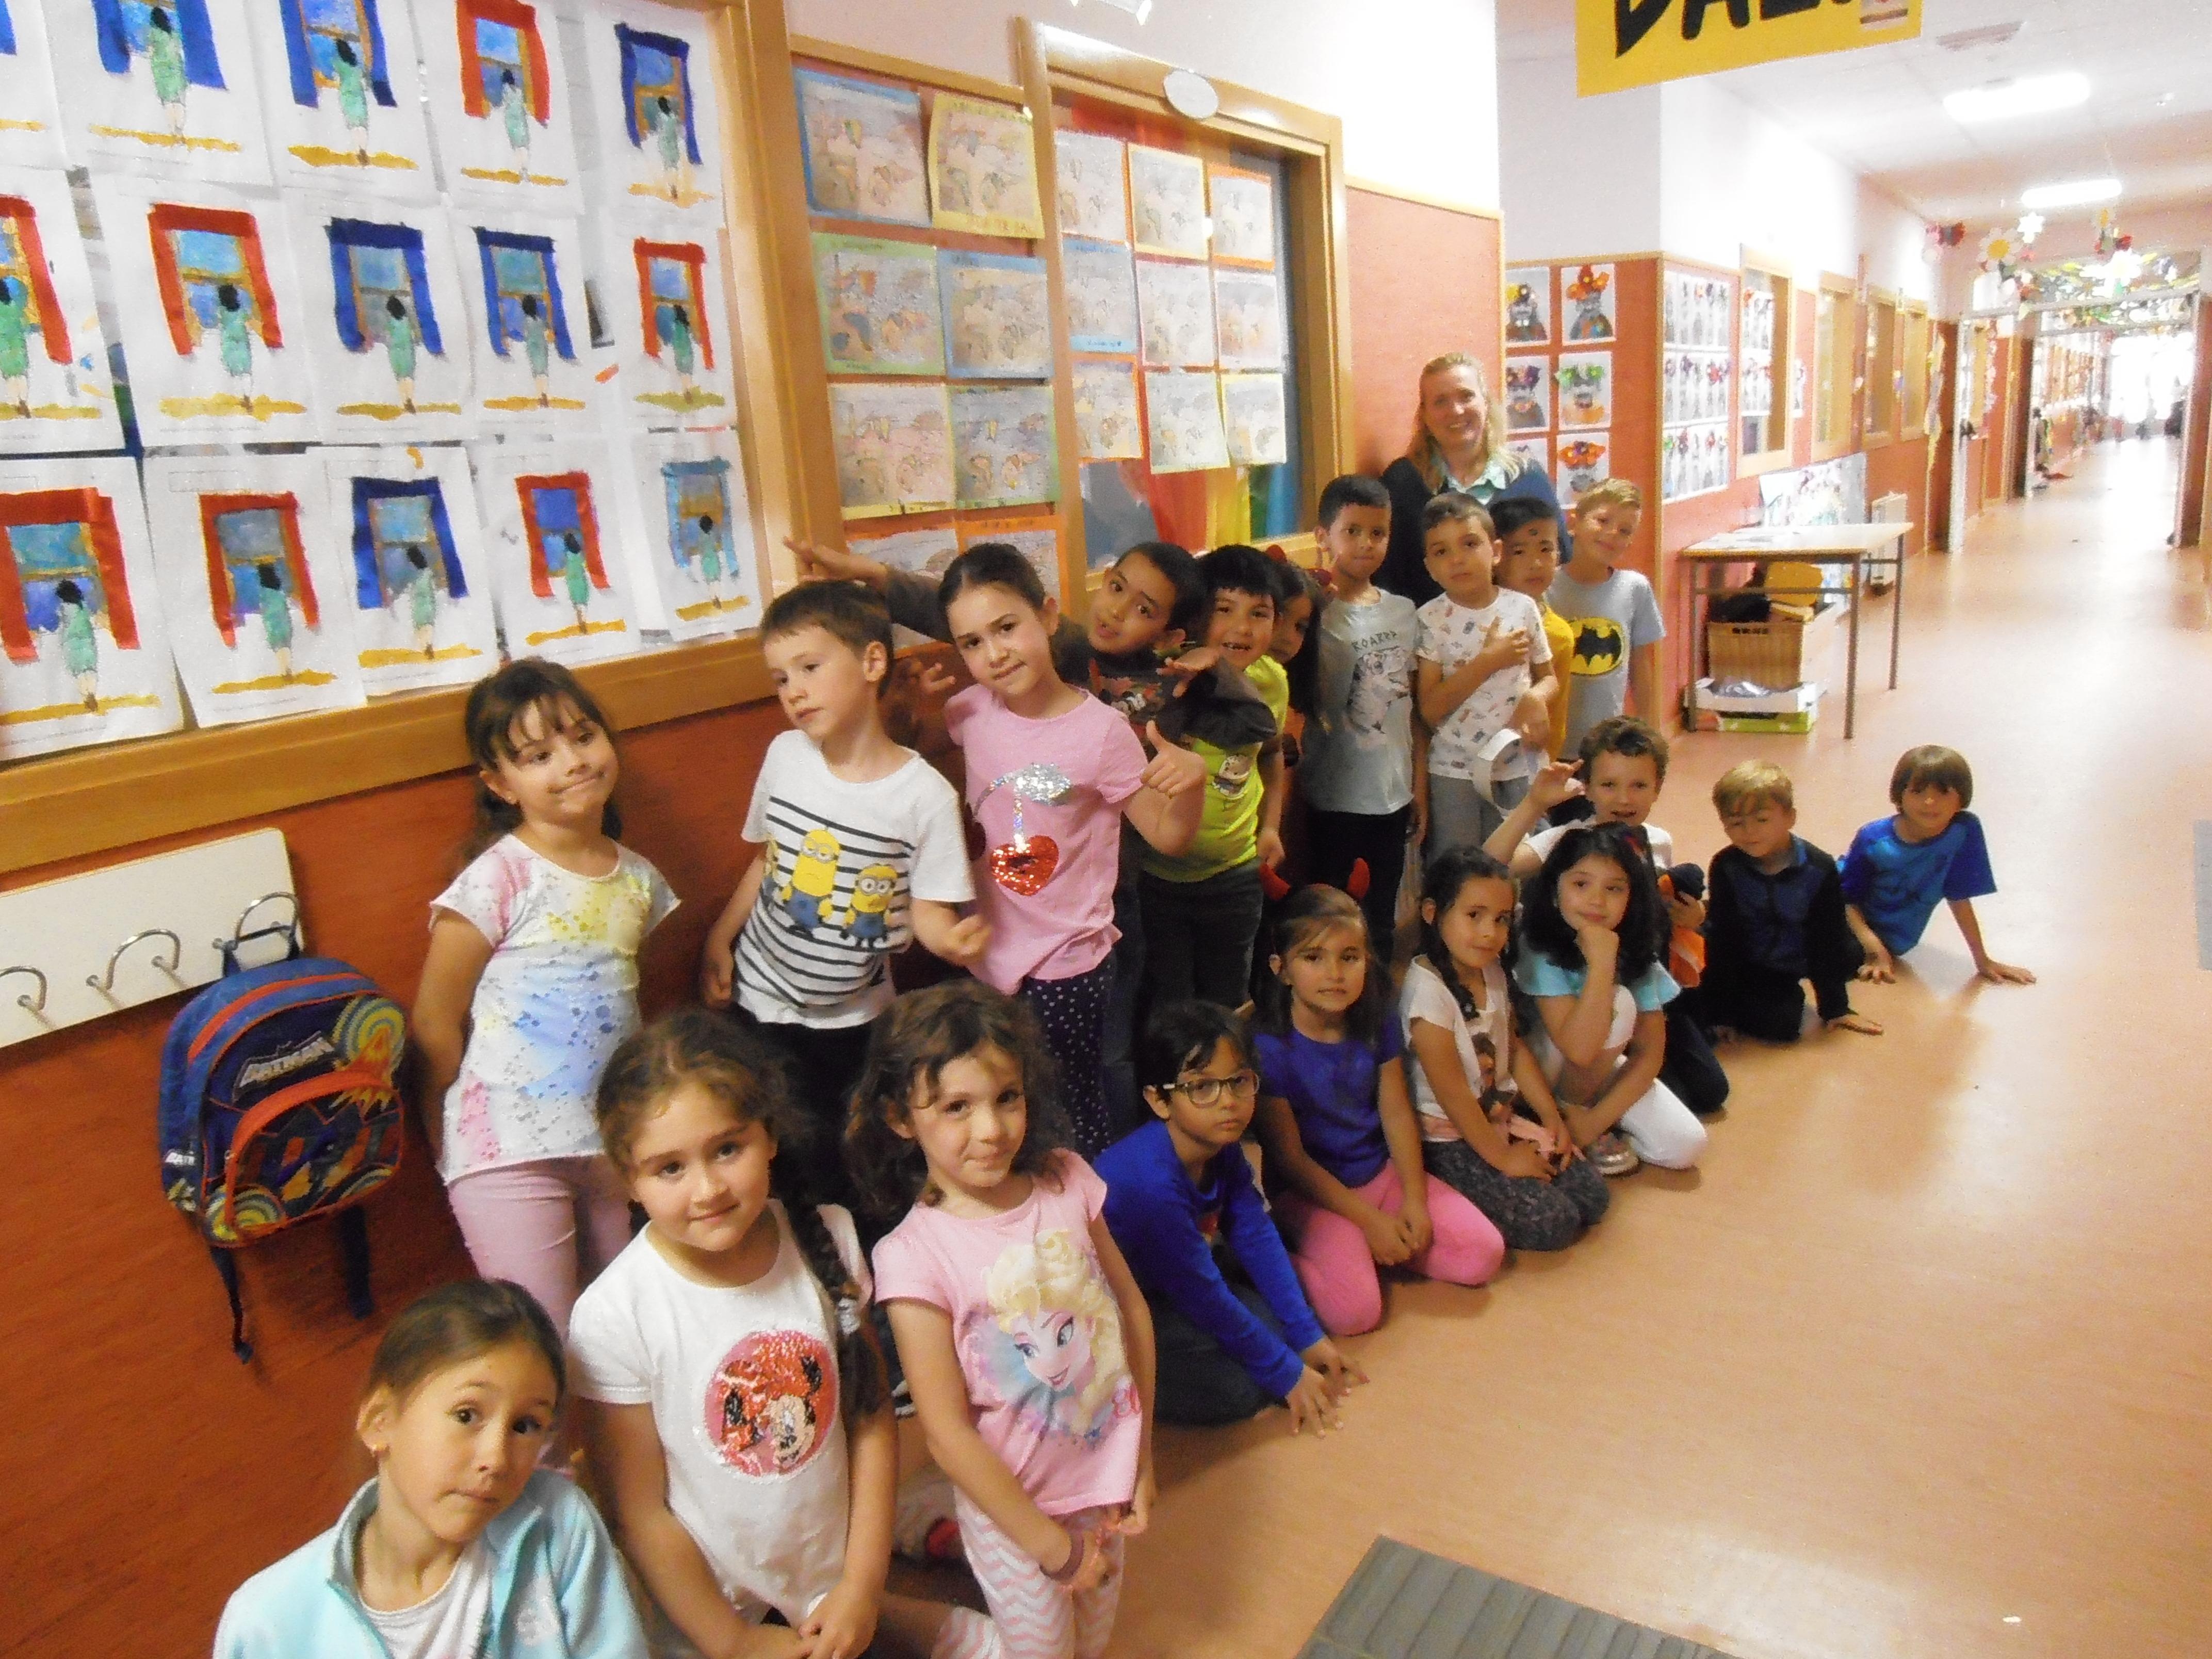 Pintores en Educación Infantil 11